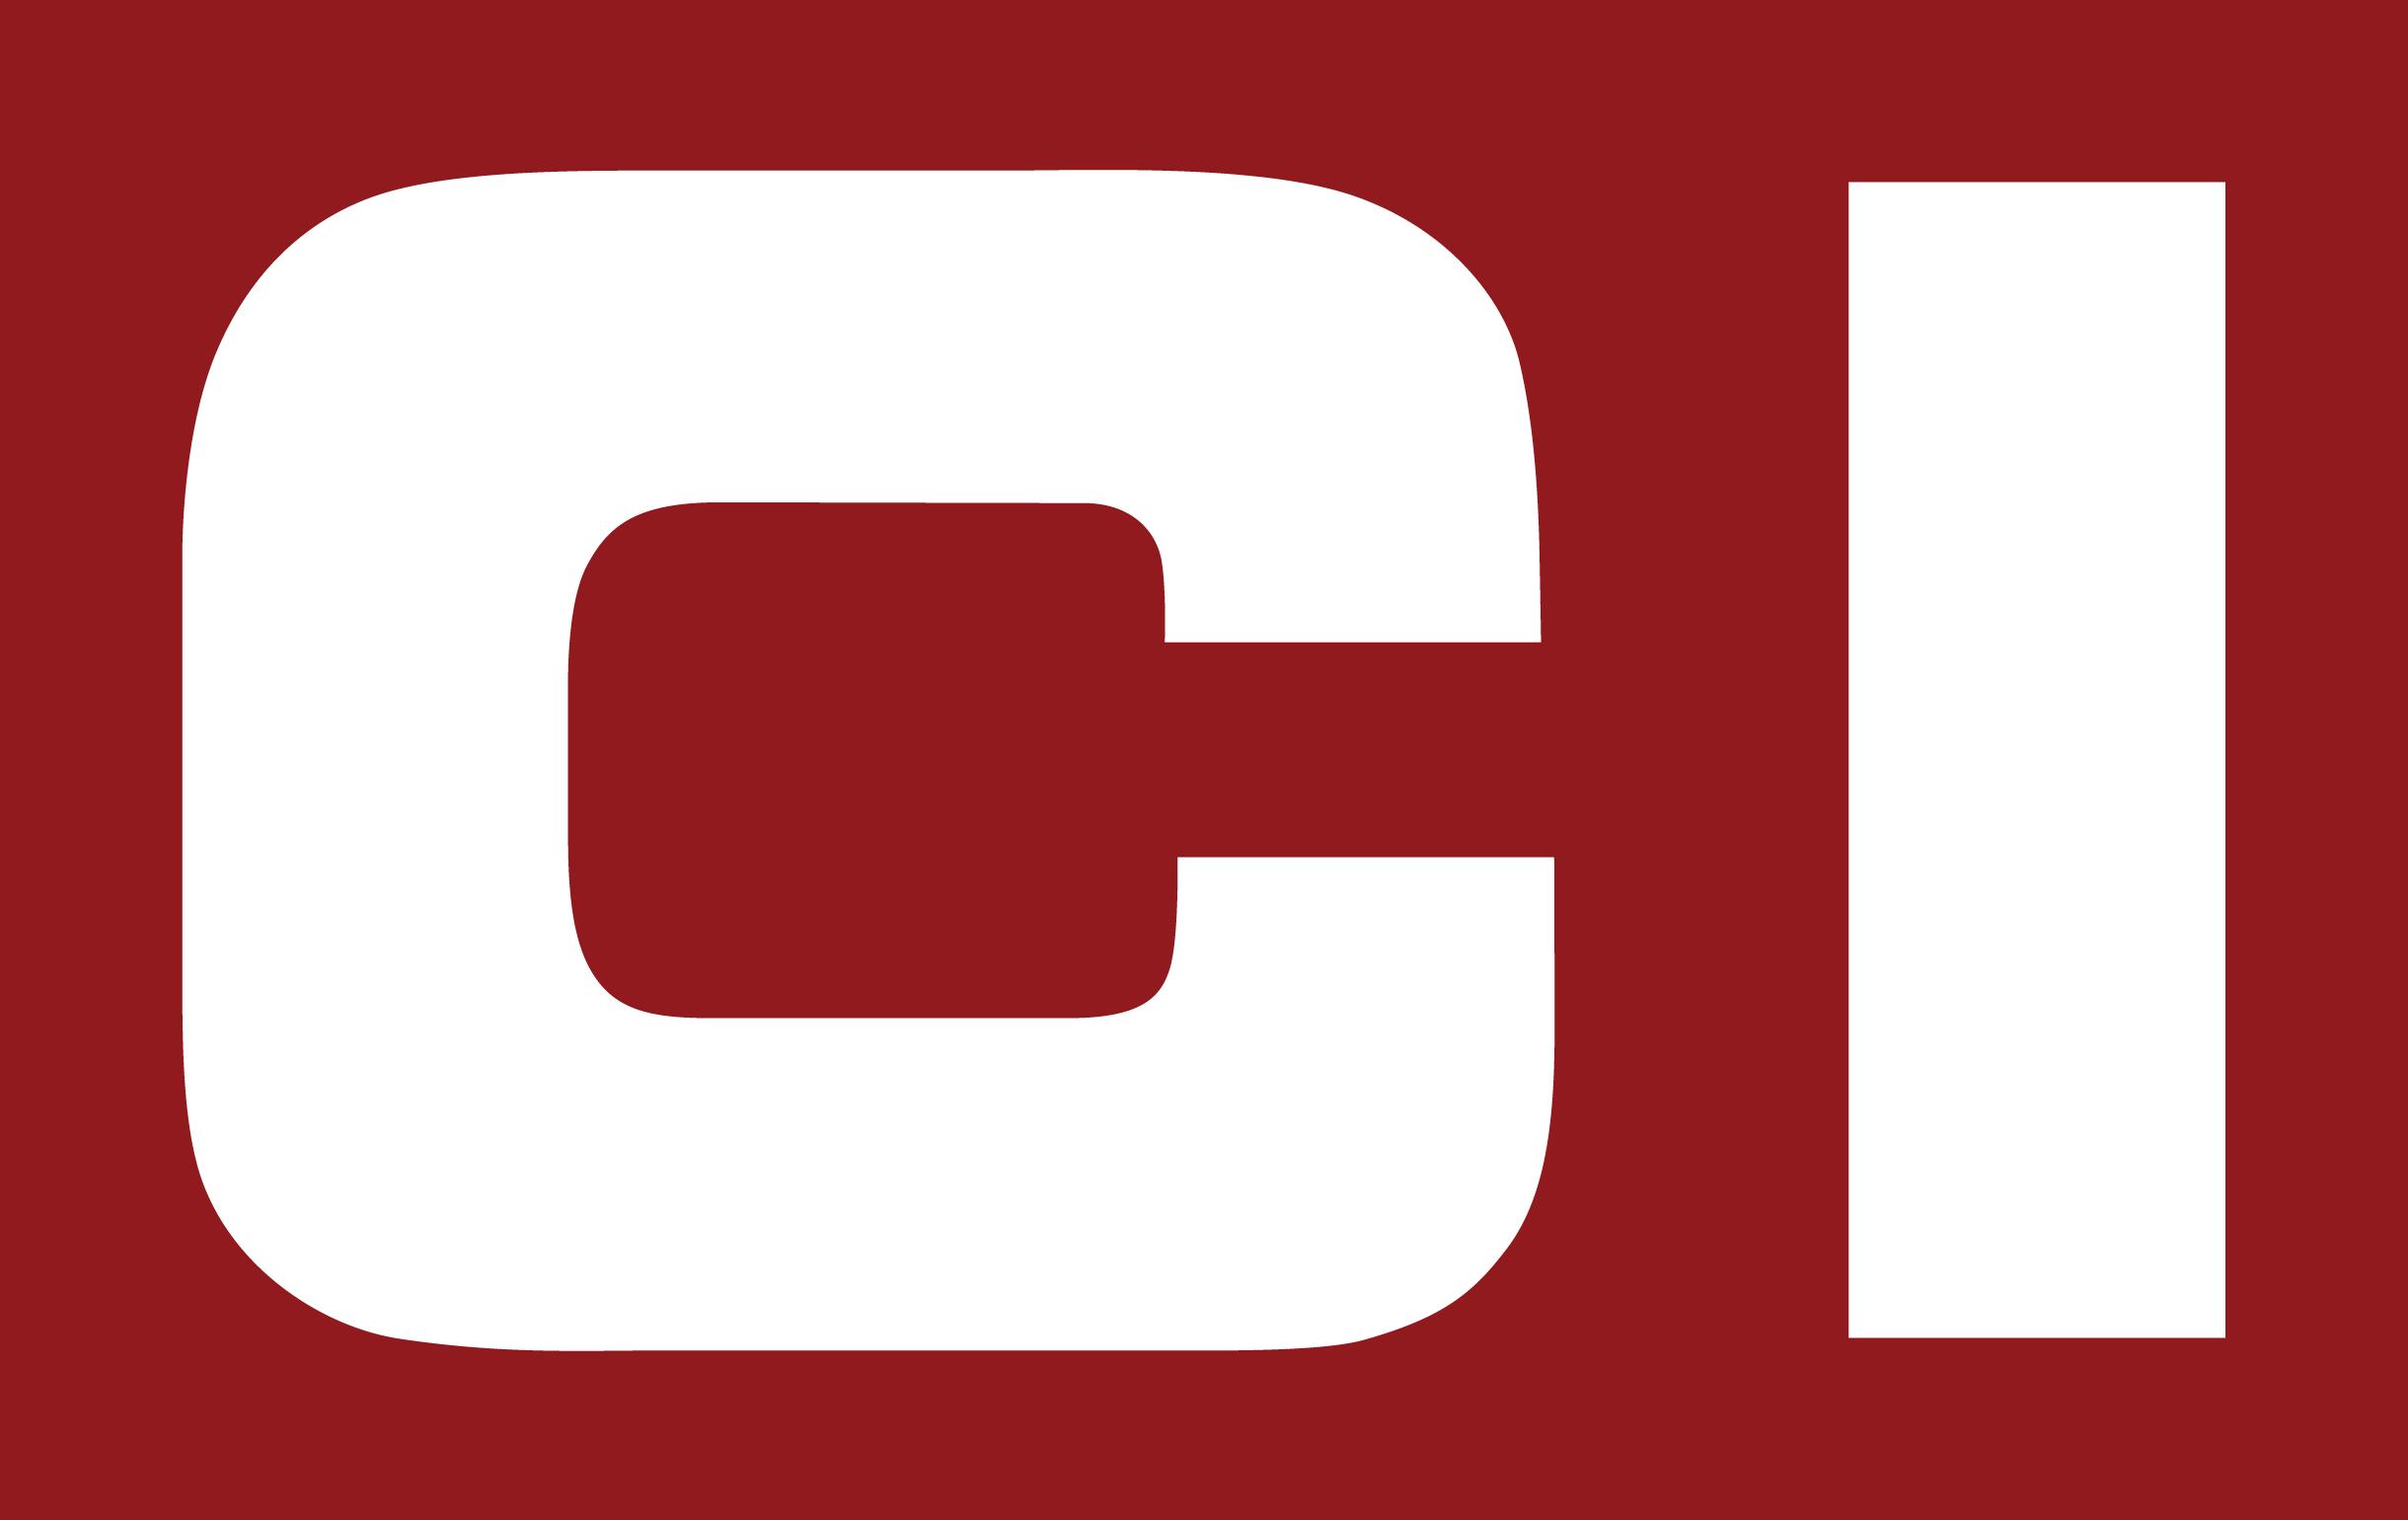 CI Logos — Cincinnati Incorporated.